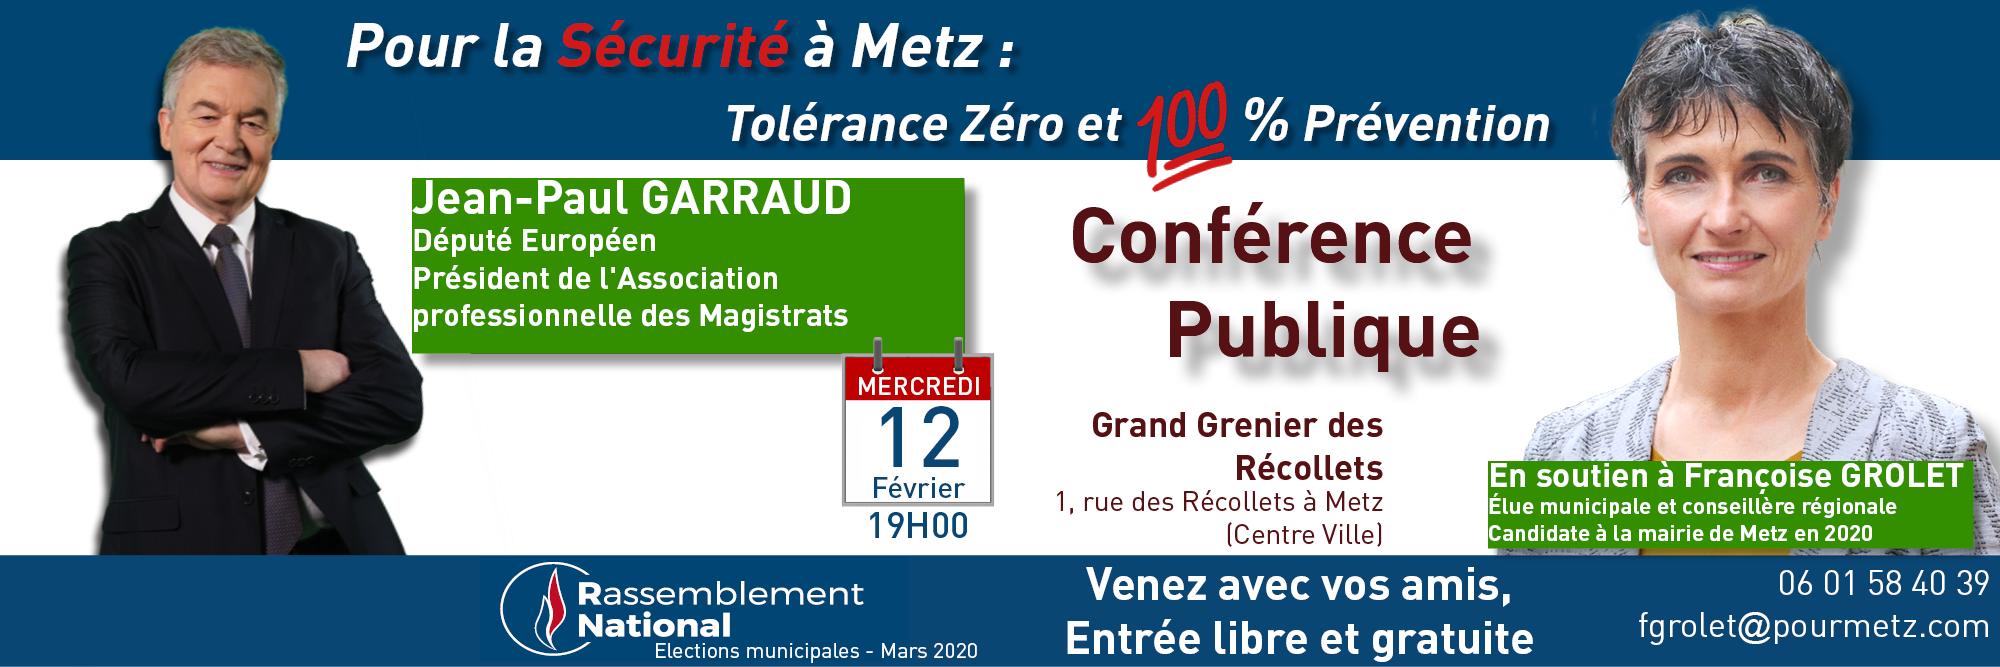 Conference Publique de Jean-Paul GARRAUD à Metz le 12 Février 2020